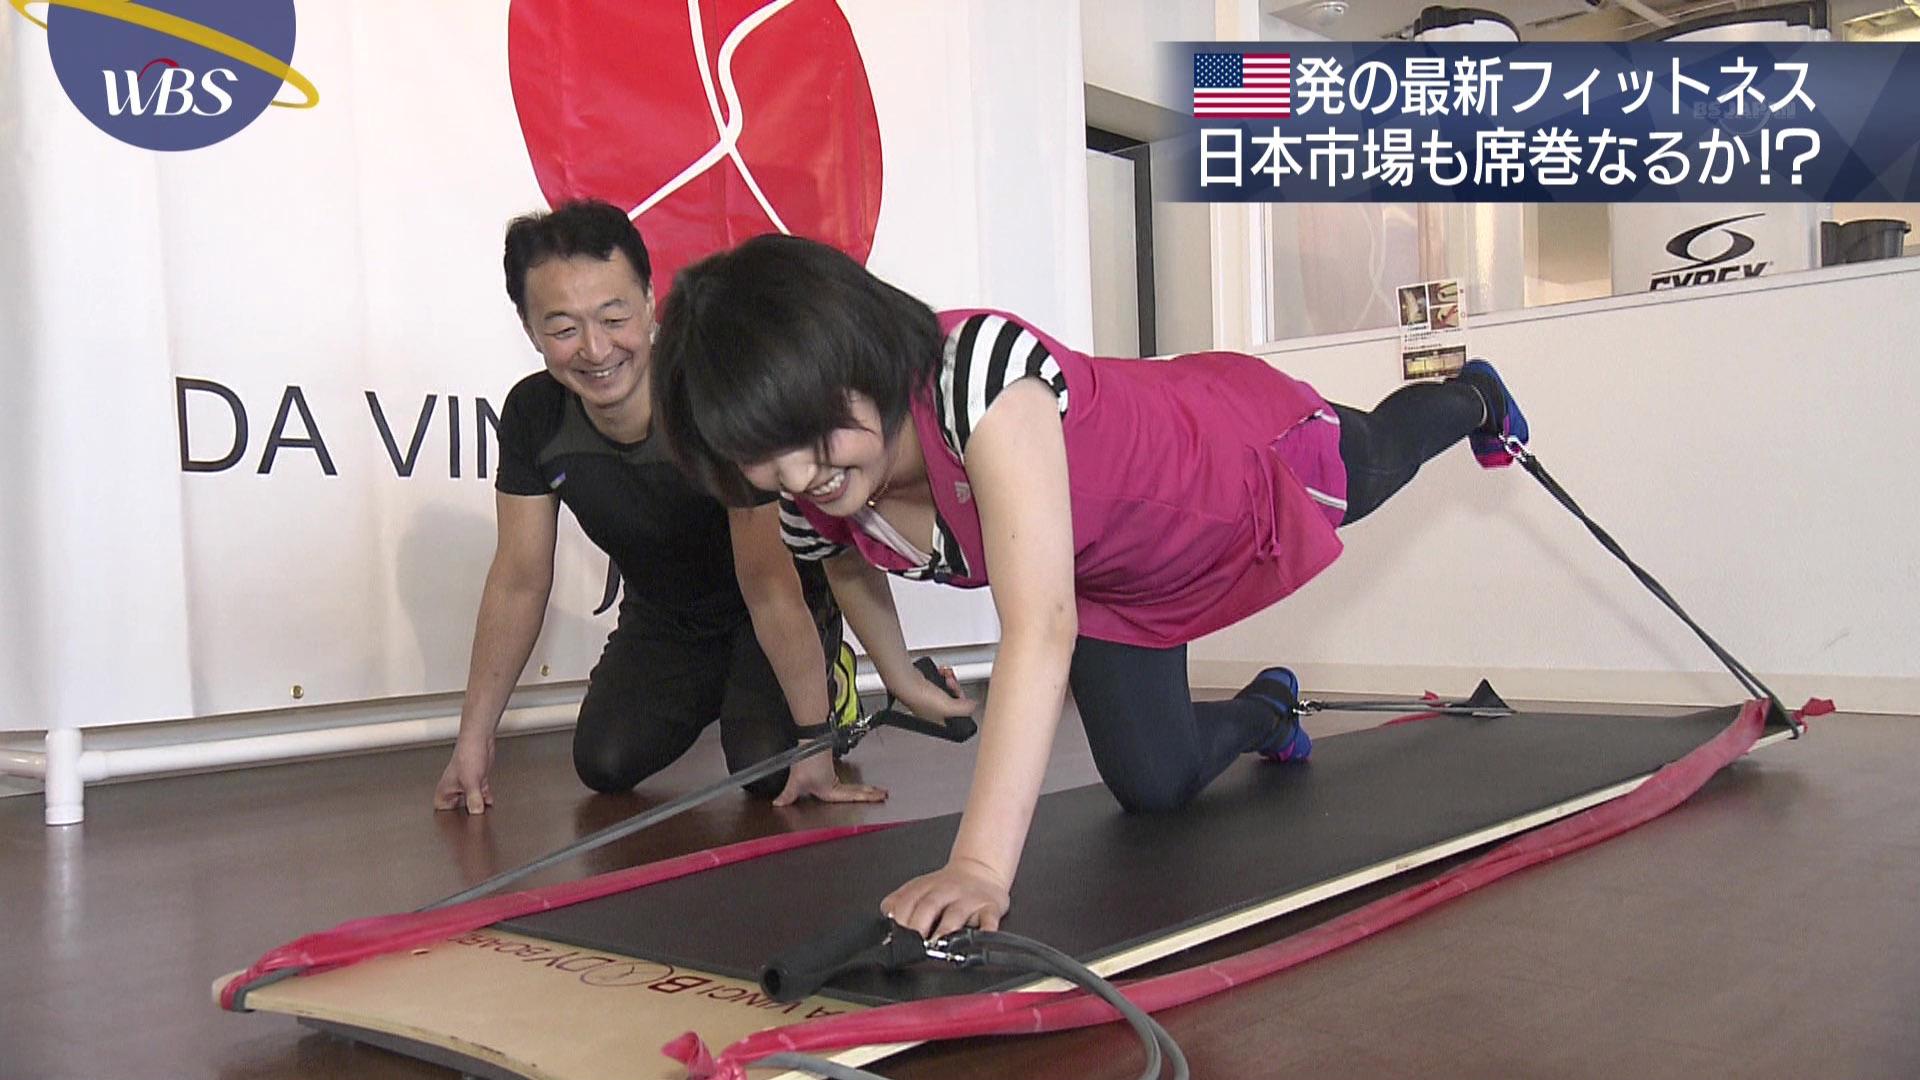 相内優香アナがフィットネスで胸チラしまくりハプニング!!!【GIF動画あり】